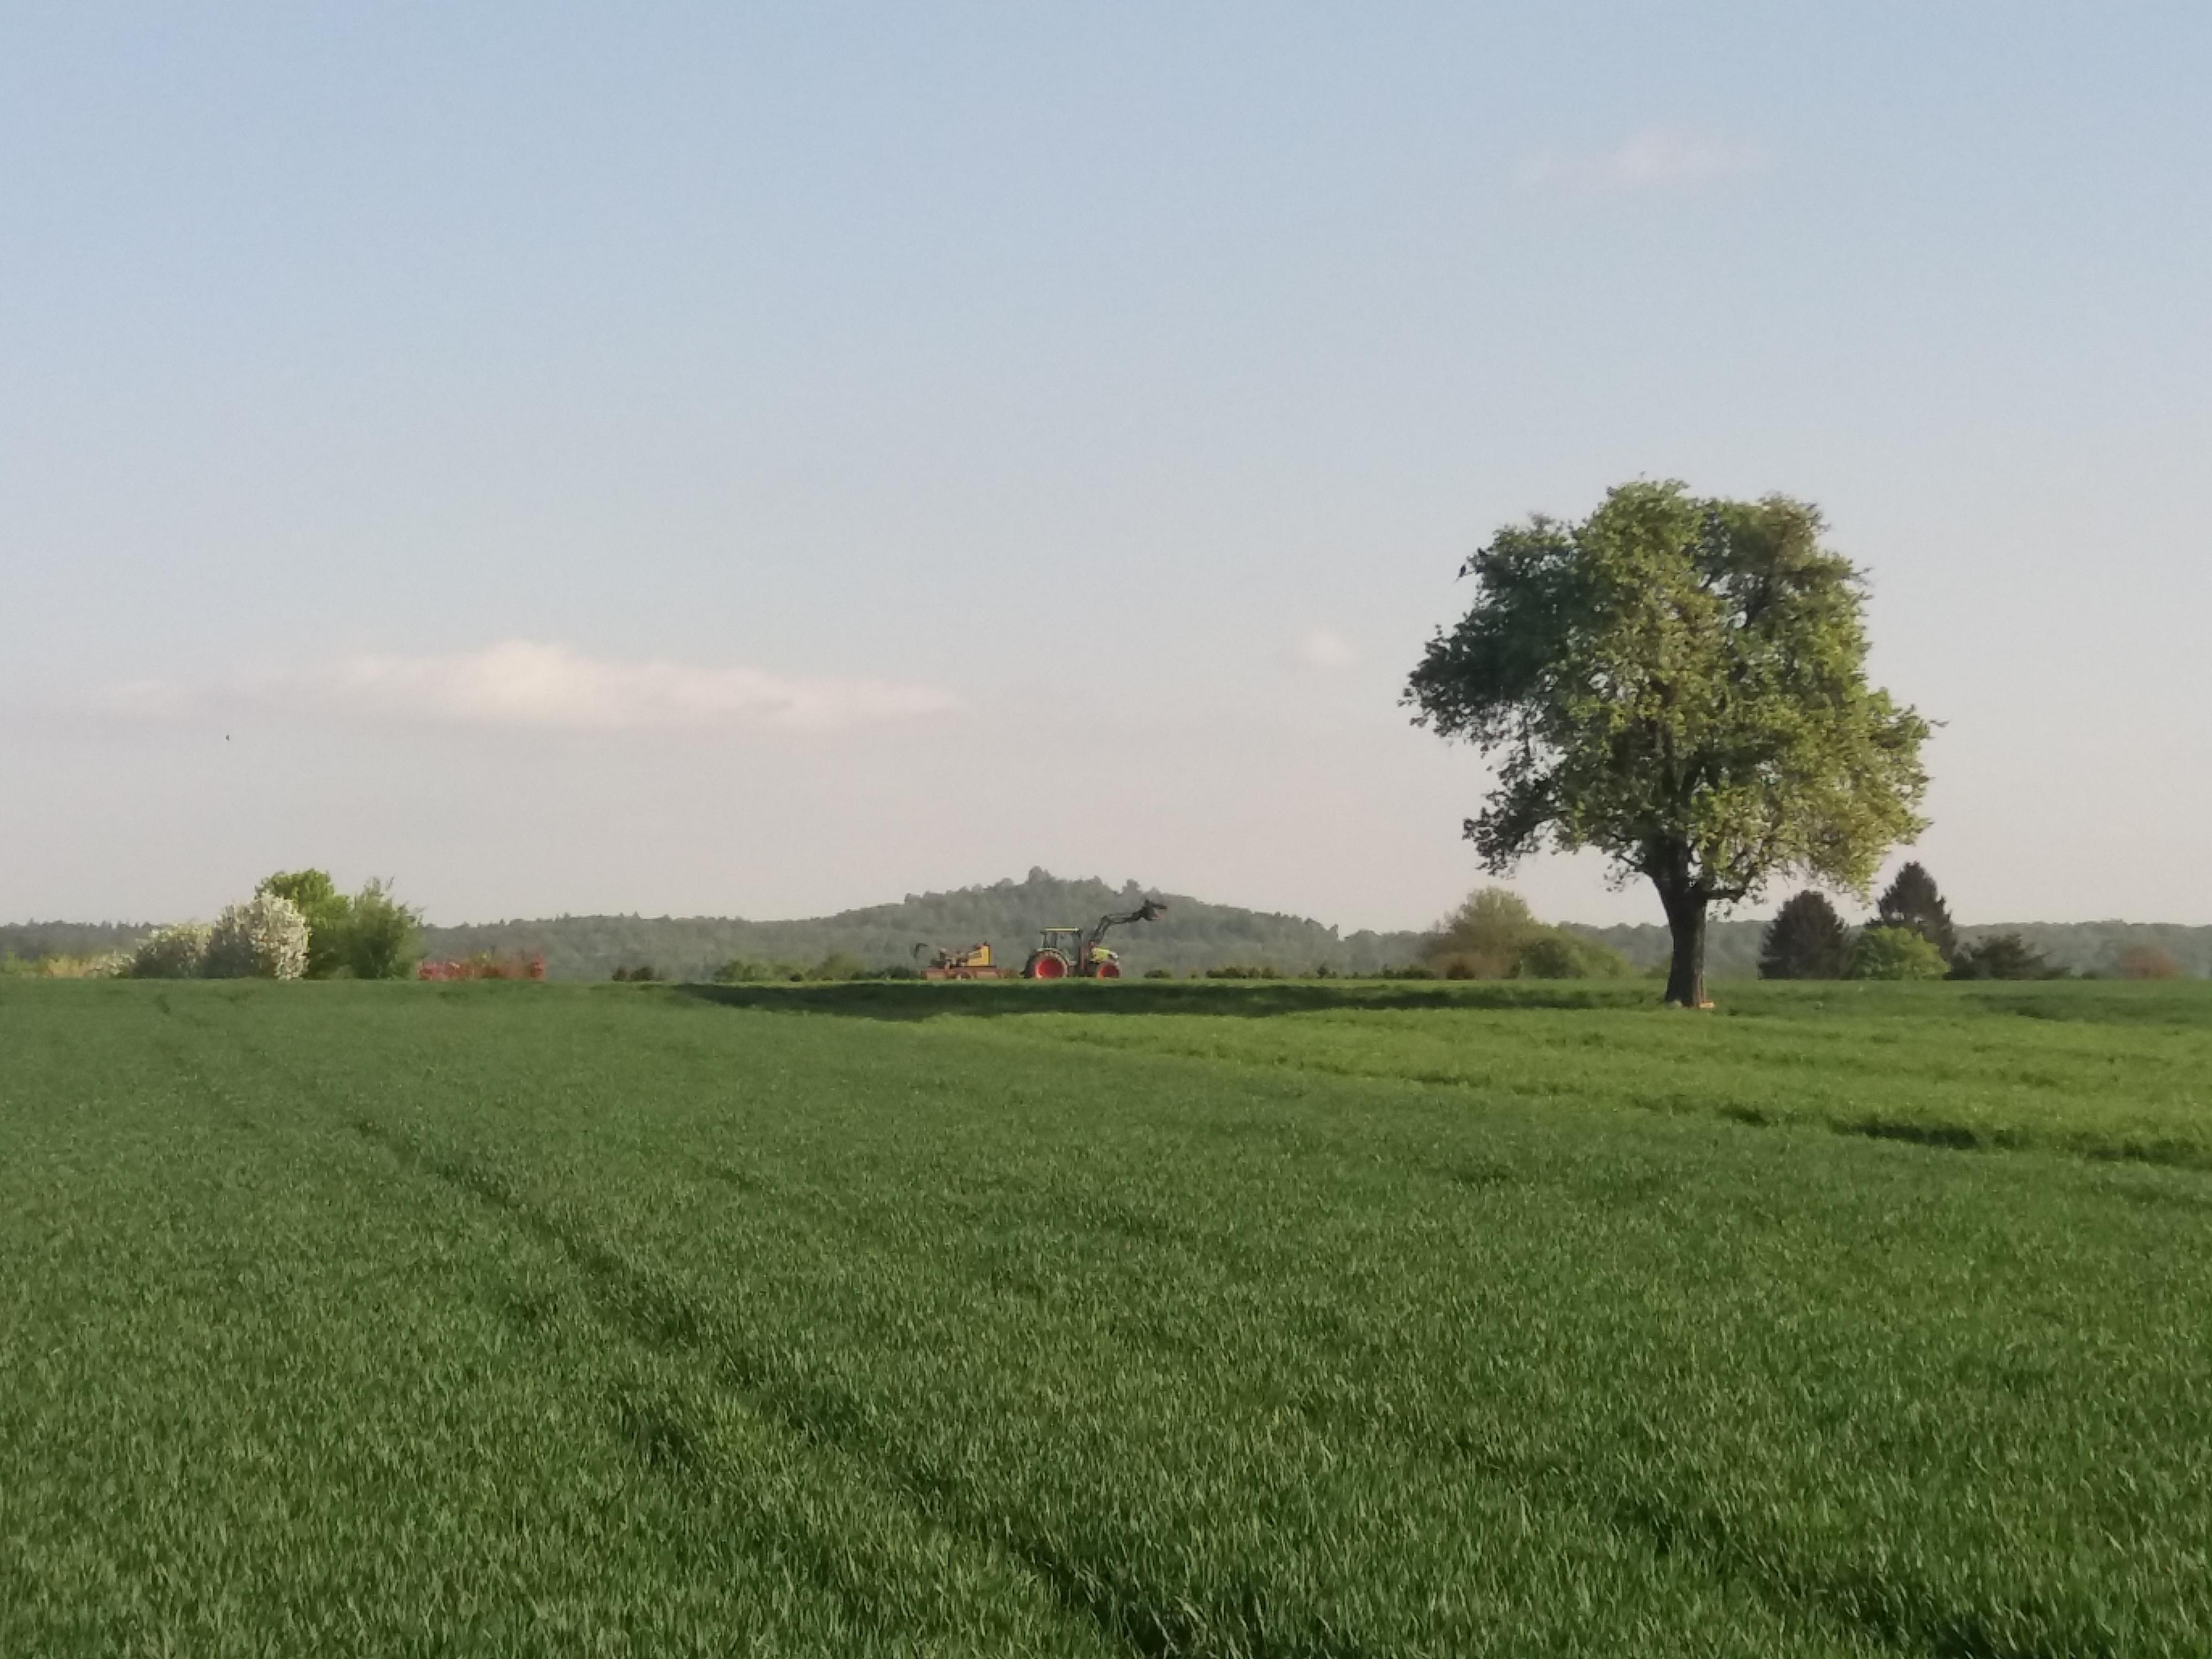 Campo verde, uma árvore frondosa, um trator e várias árvores ao fundo, morros mais ao fundo ainda, céu limpo.